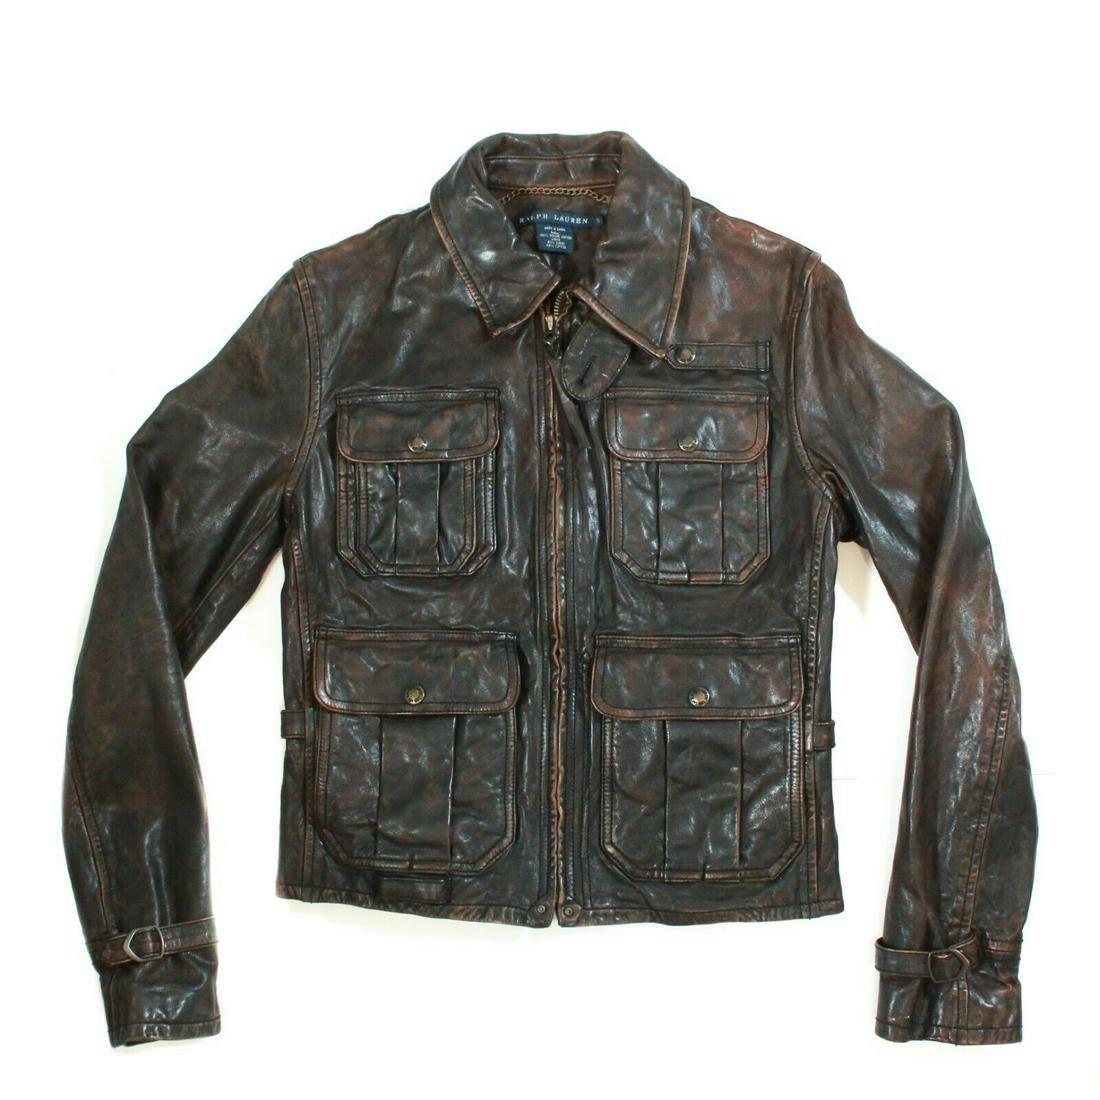 Ralph Lauren - 4 Pocket Leather Jacket - Women